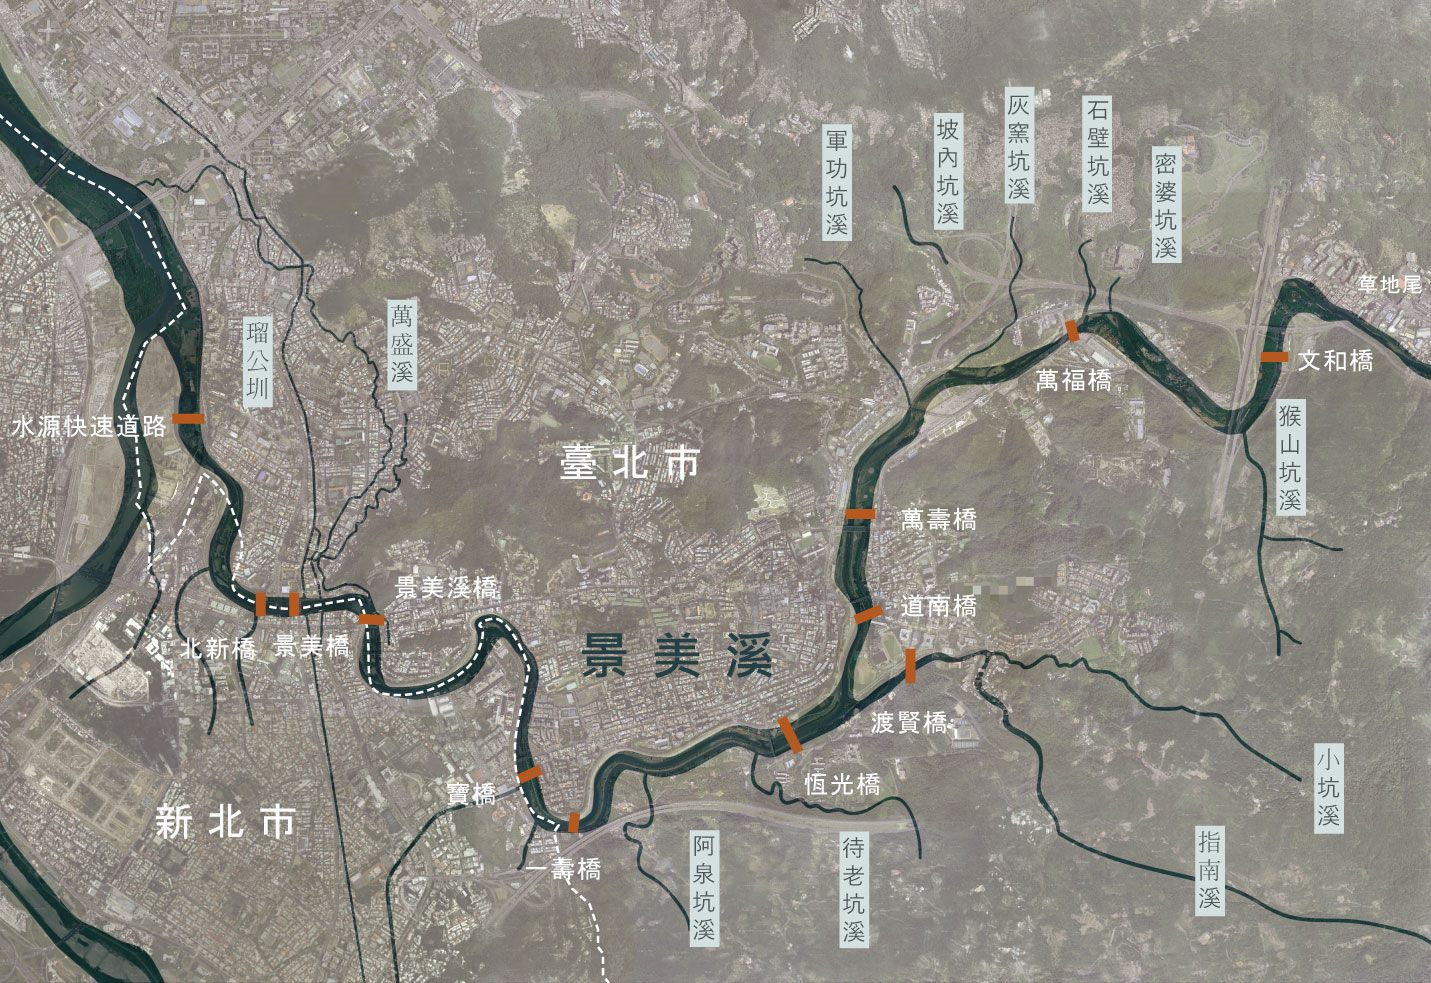 景美溪本市轄內流域範圍圖